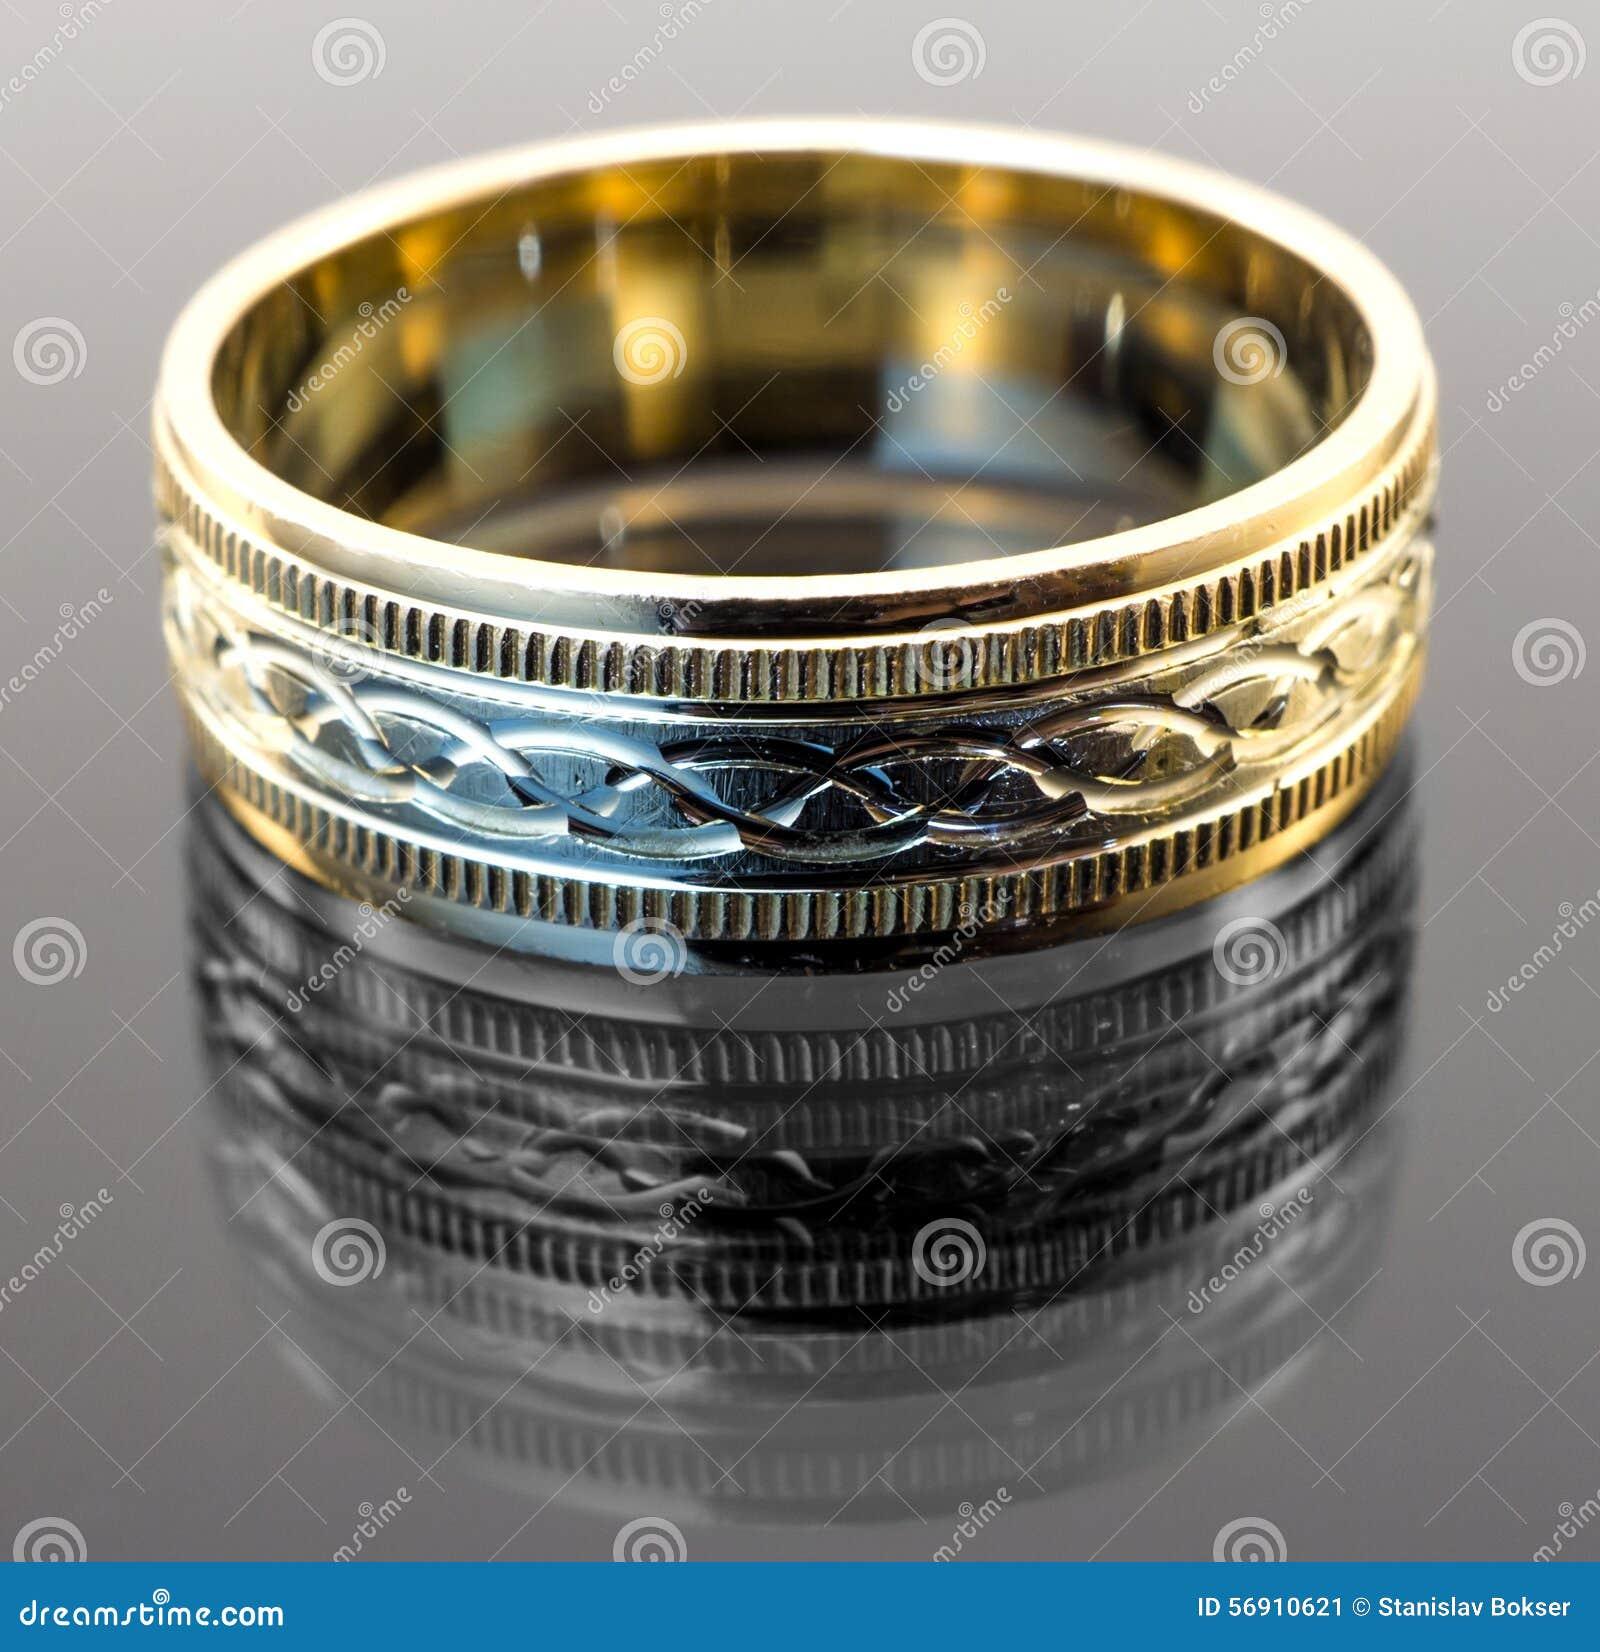 Το δαχτυλίδι αρραβώνων στον άσπρο και κίτρινο χρυσό